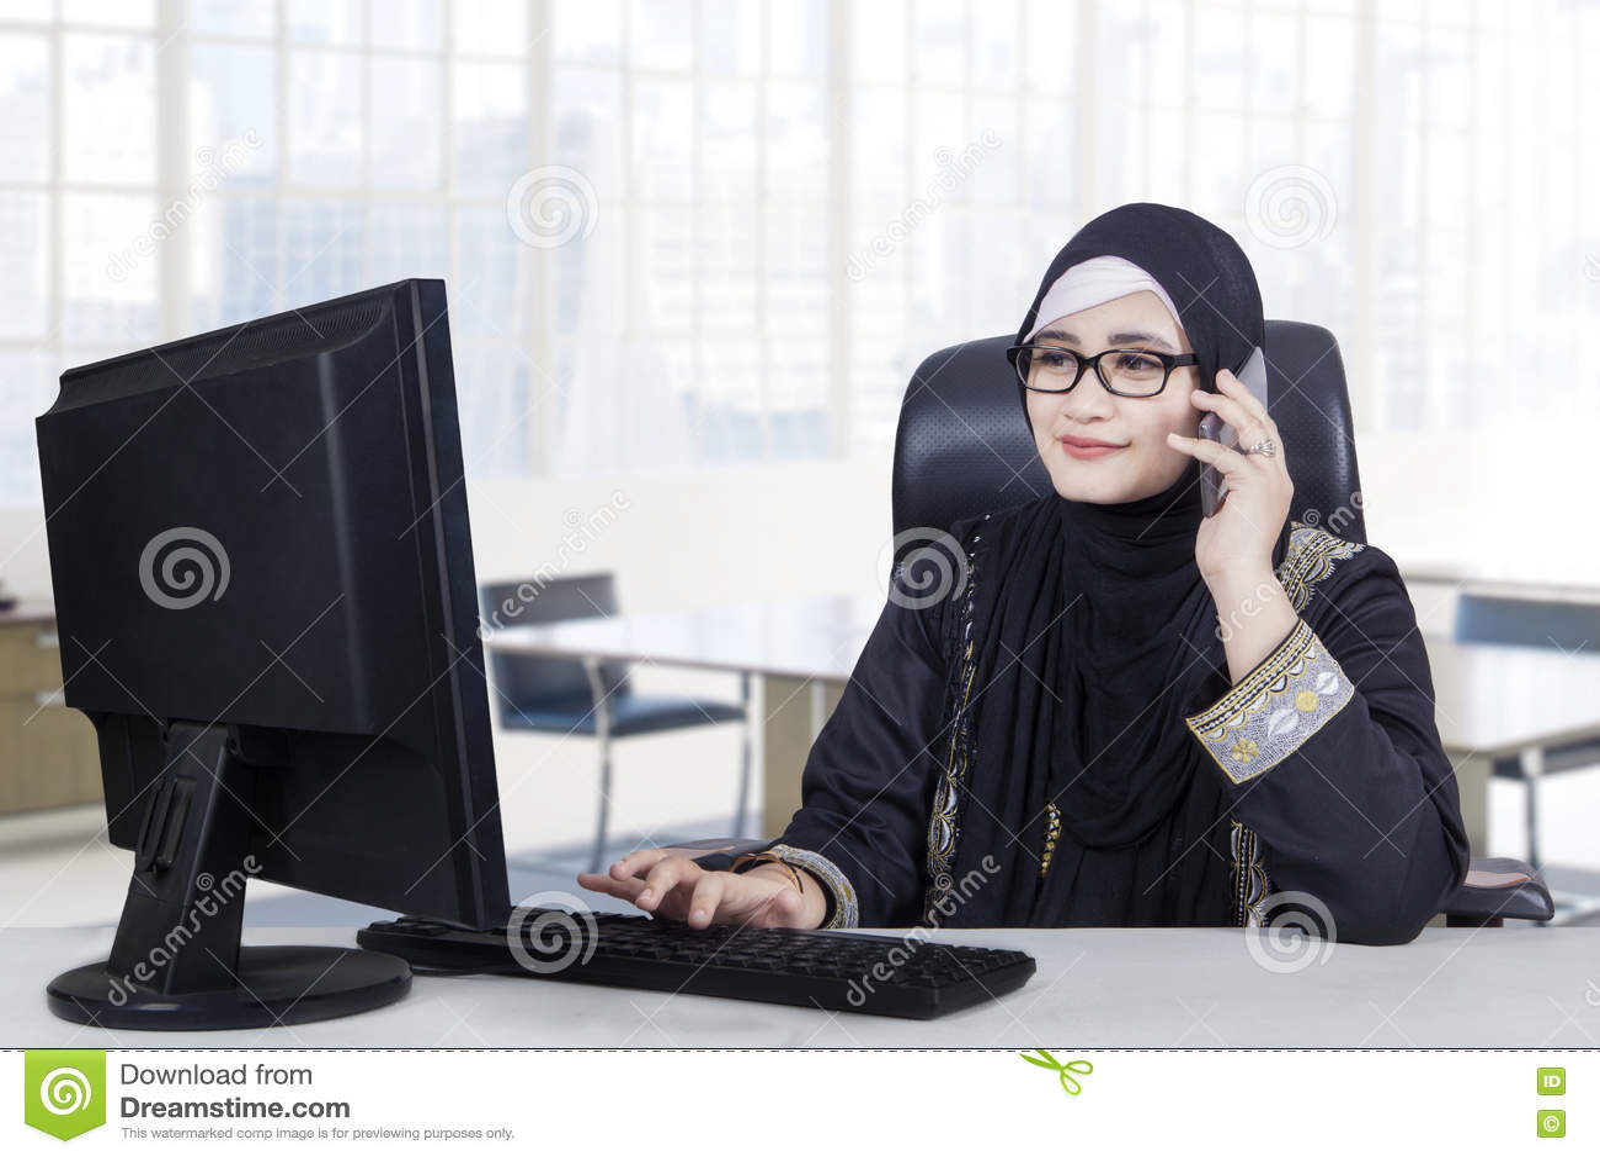 Le main d œuvre féminine arabe travaille dans le bureau photo